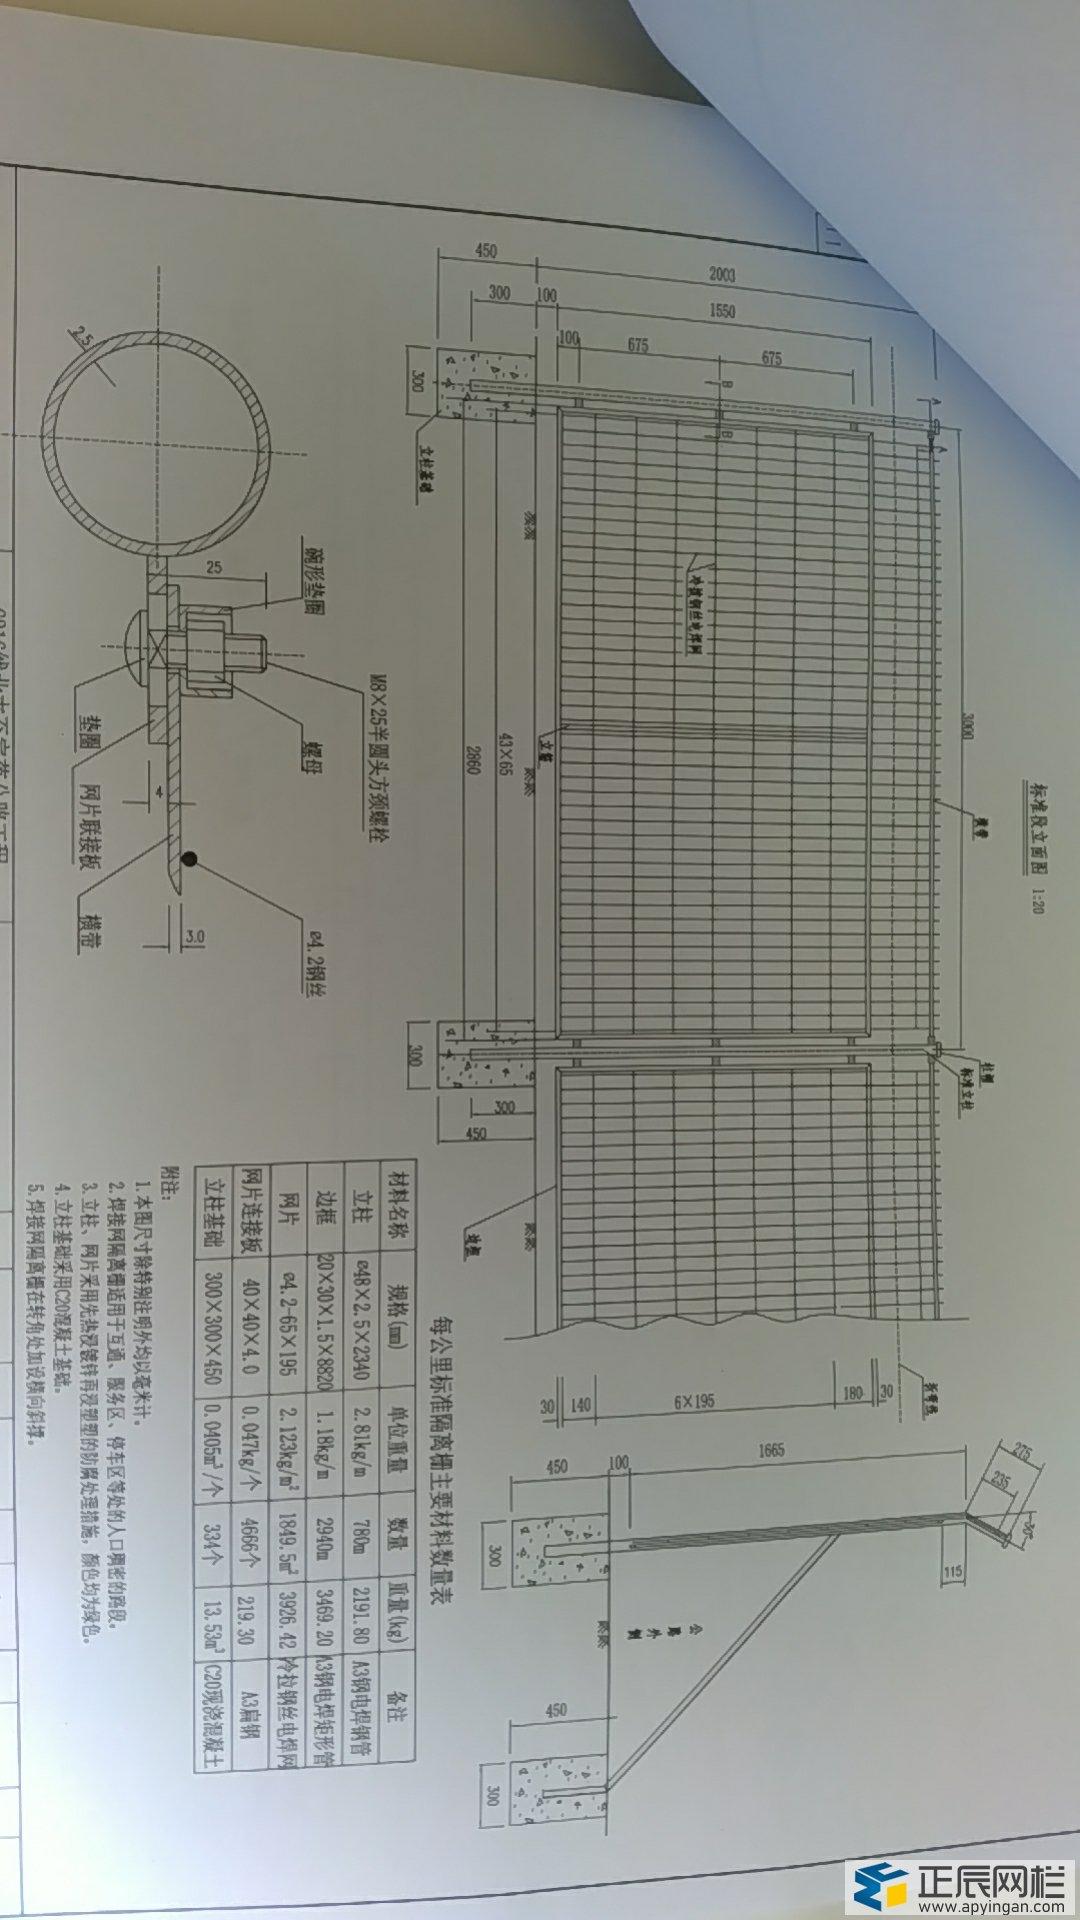 高速公路护栏网图纸图片